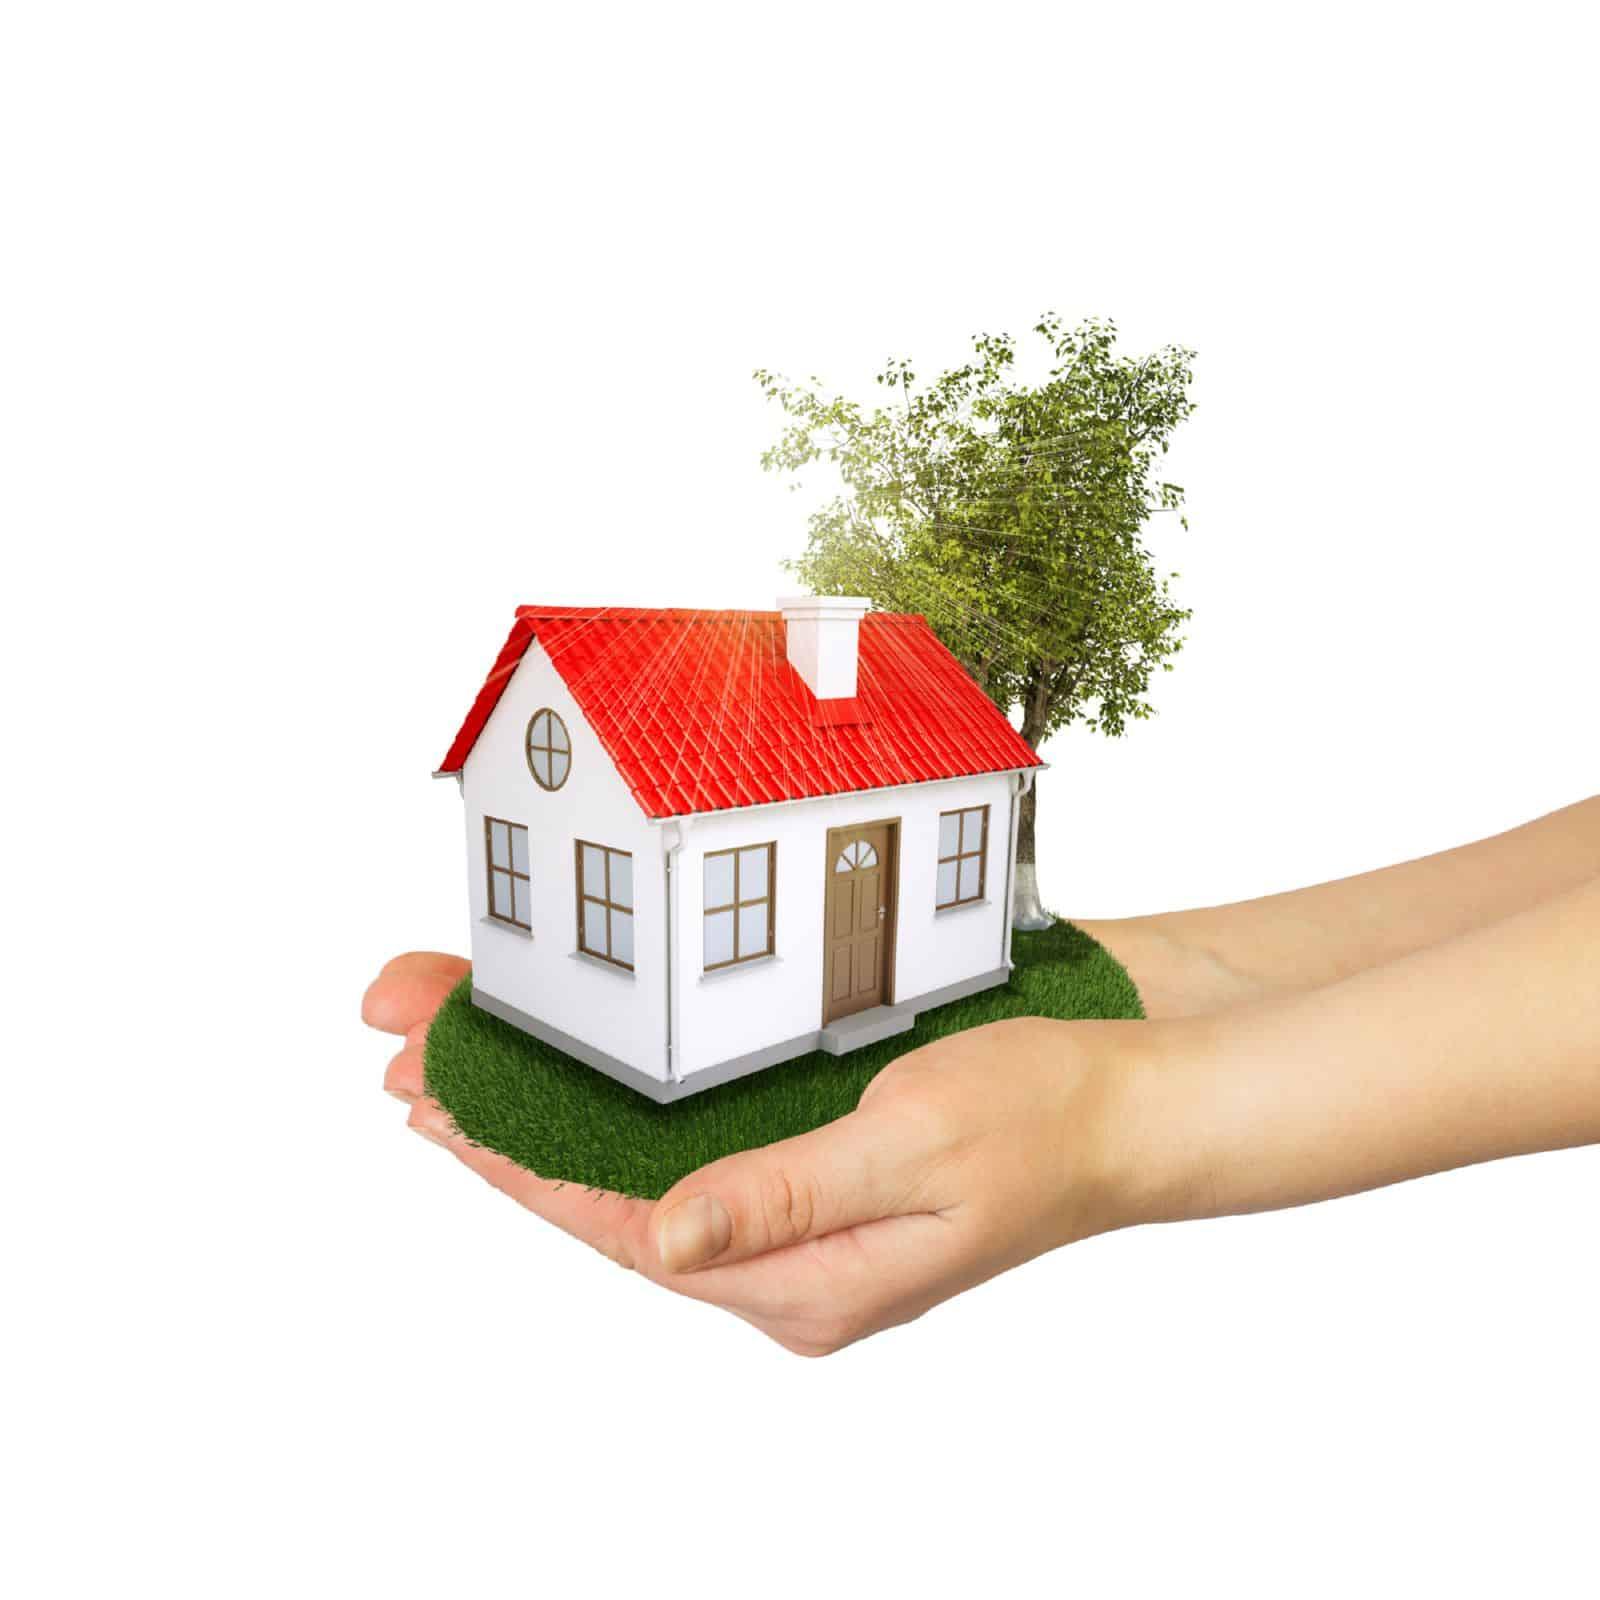 Как оформить участок земли в собственность, если нет хозяина?